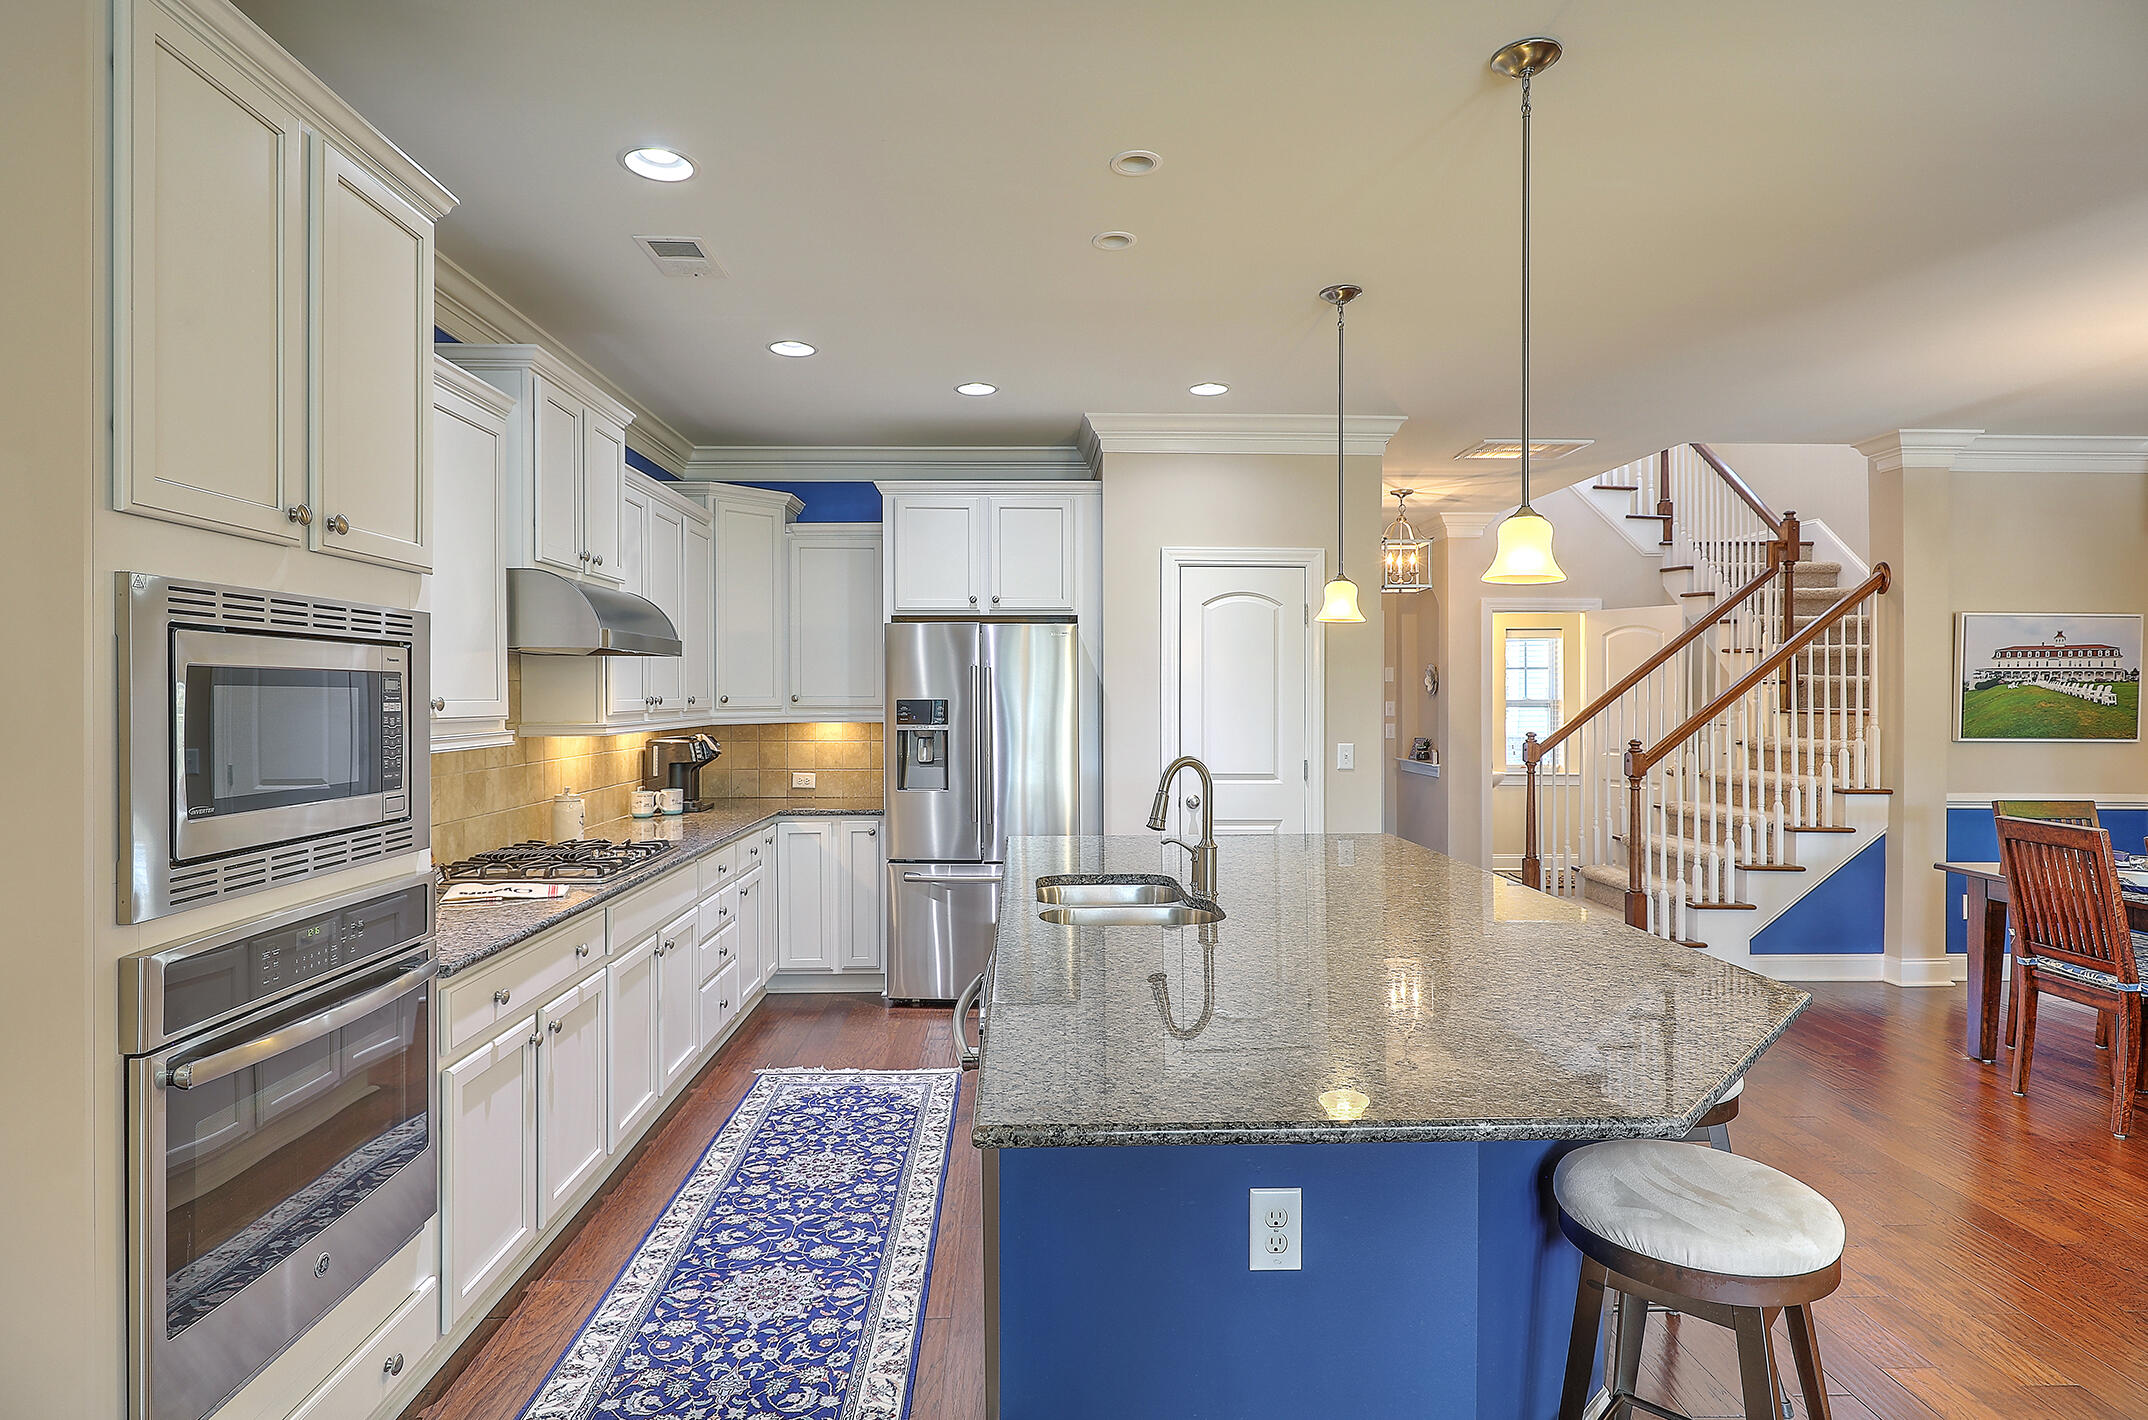 Carnes Crossroads Homes For Sale - 627 Van Buren, Summerville, SC - 27